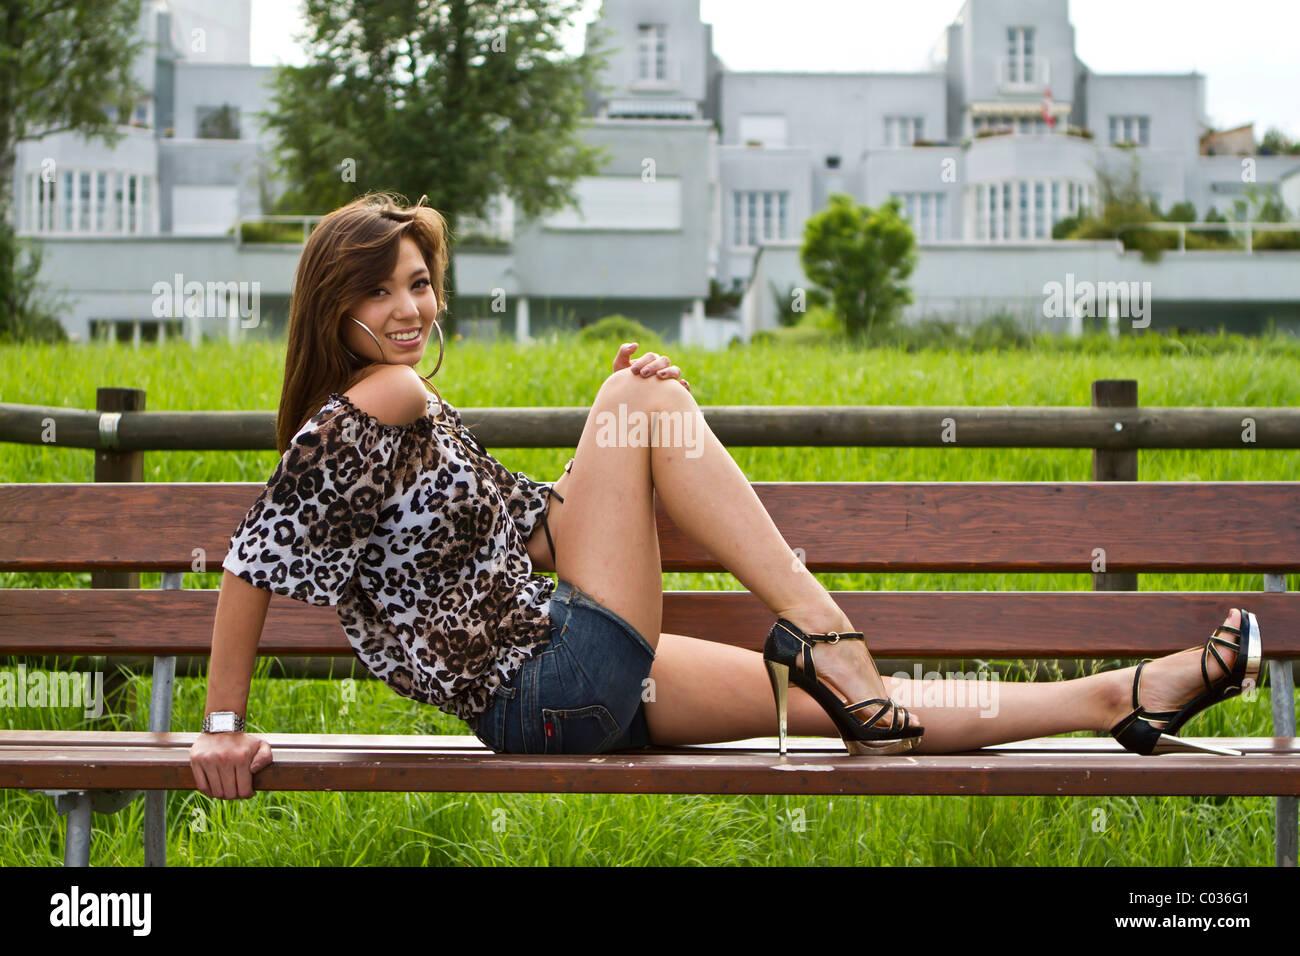 banc haut posant sur et hauts léopard femme Jeune talons portant un un short Fn6w7BZ